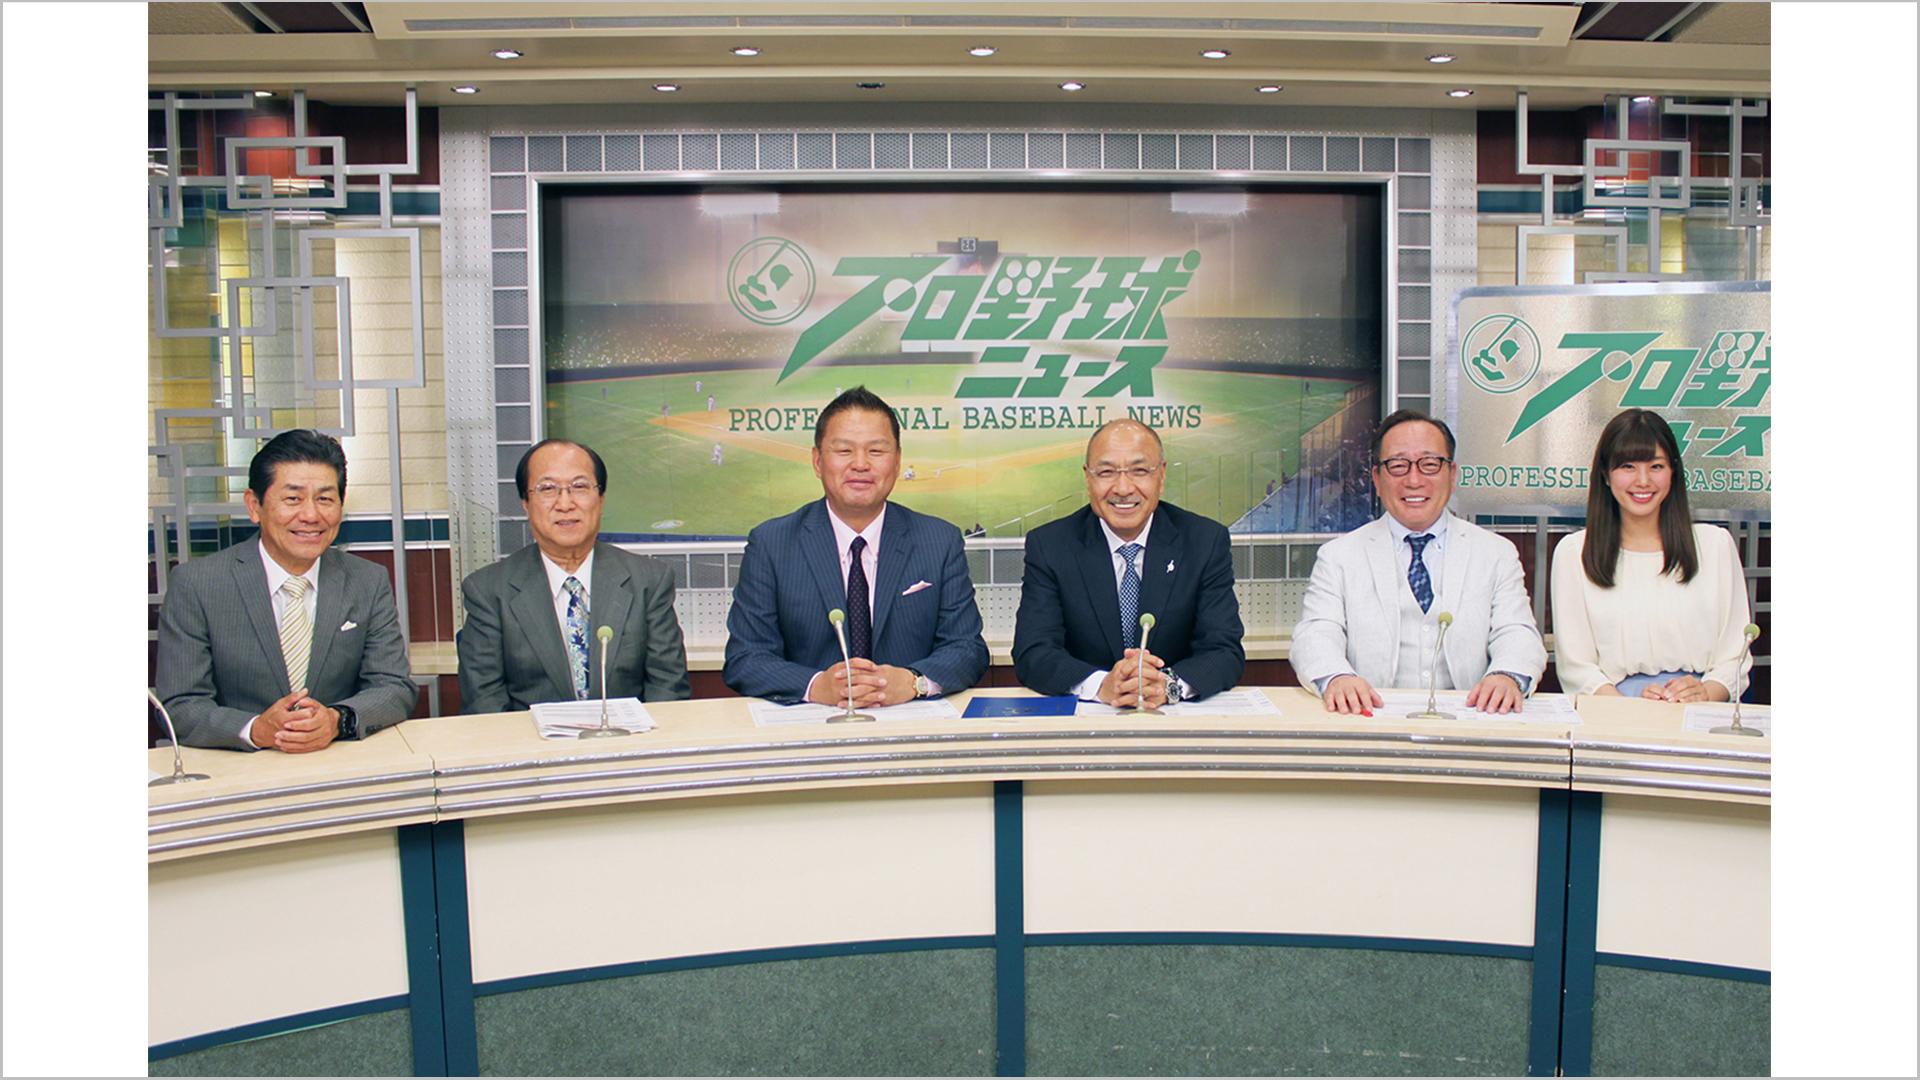 ニュース プロ 野球